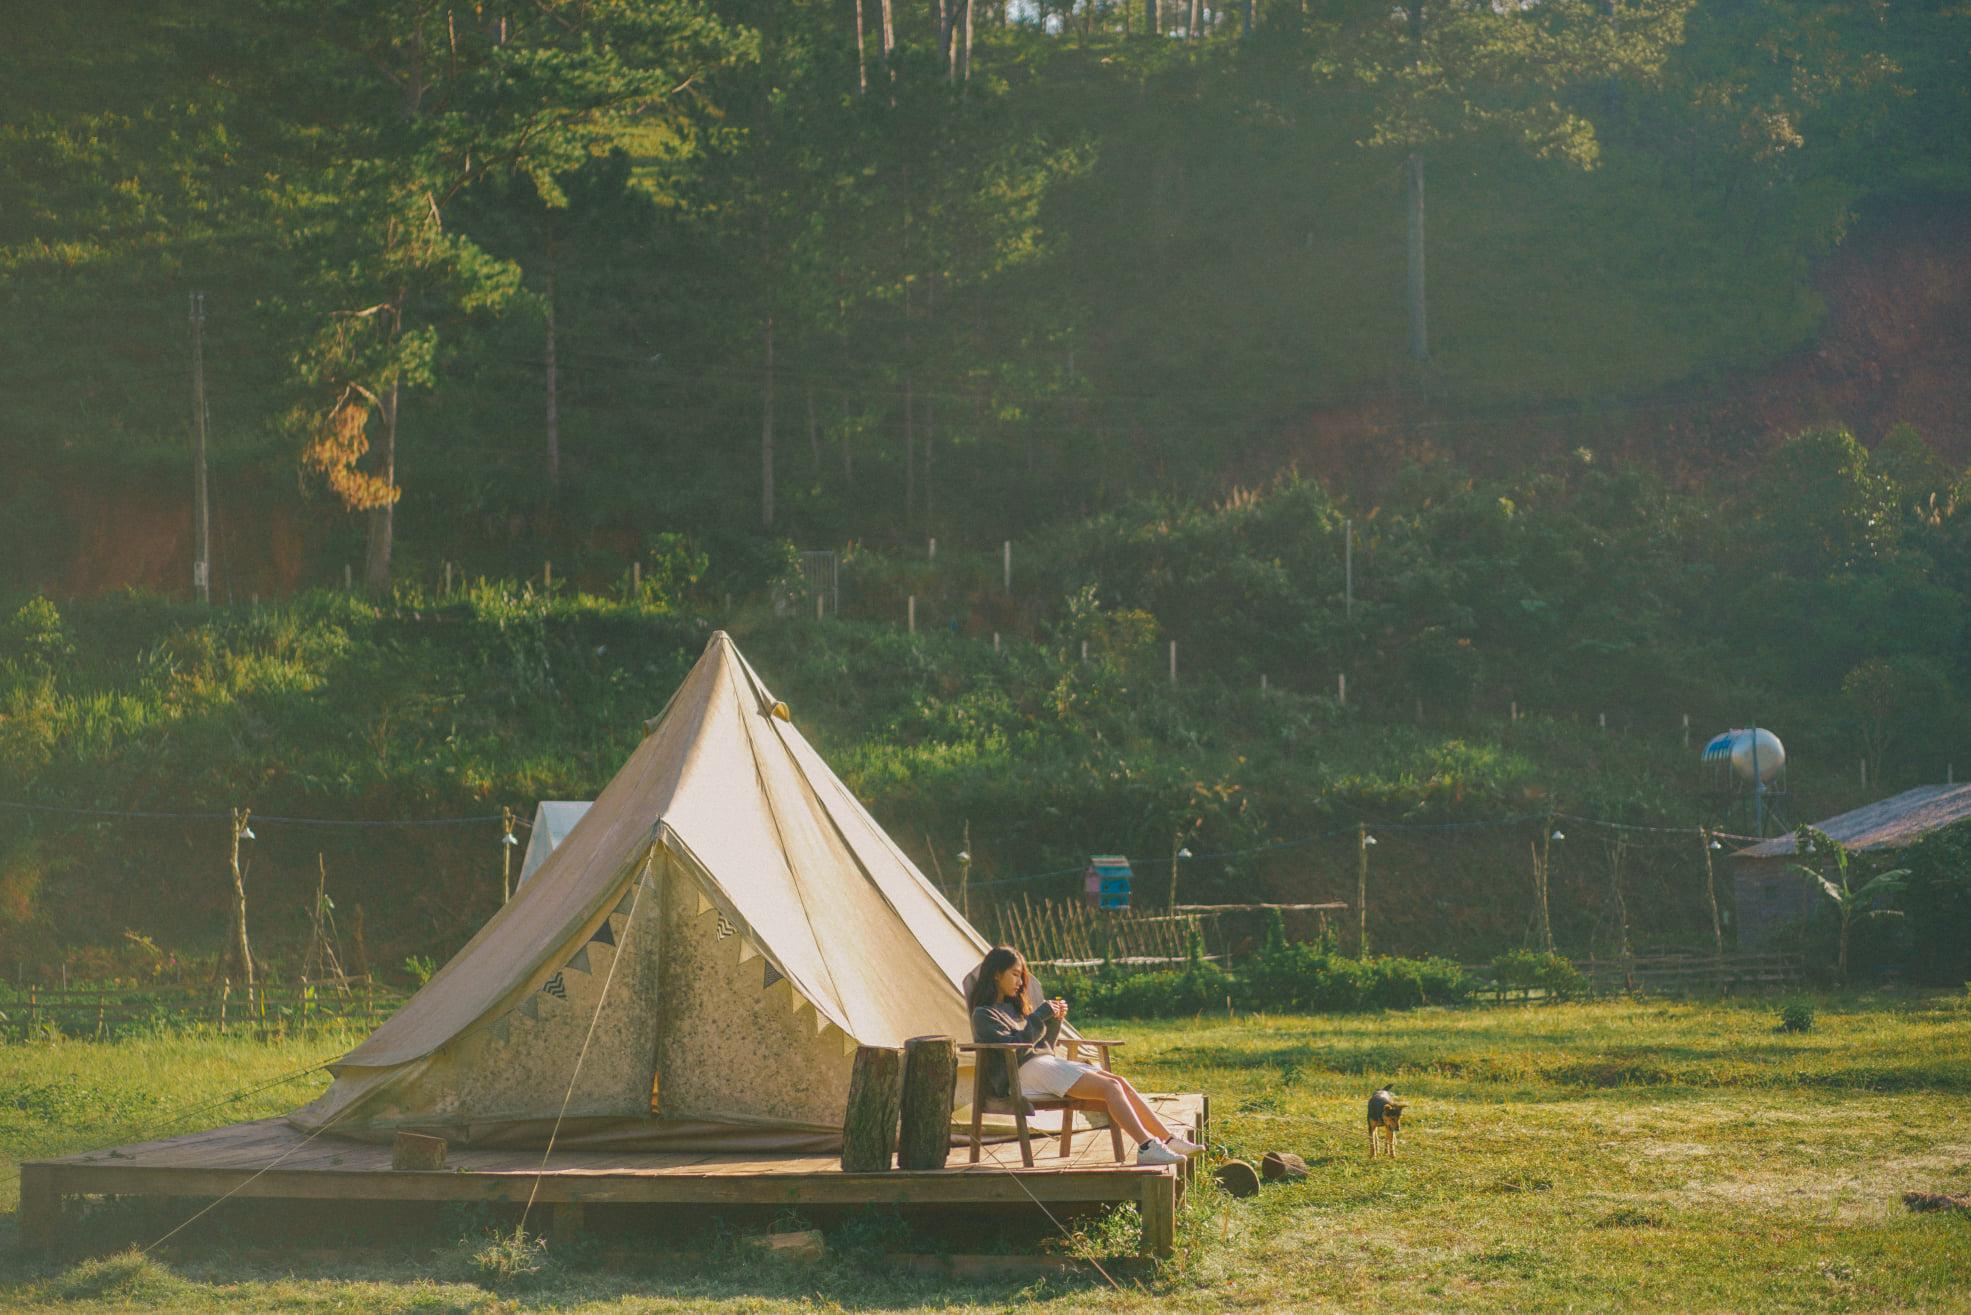 Lên Đà Lạt tìm bình yên ở khu cắm trại view núi rừng đẹp vạn người mê này!